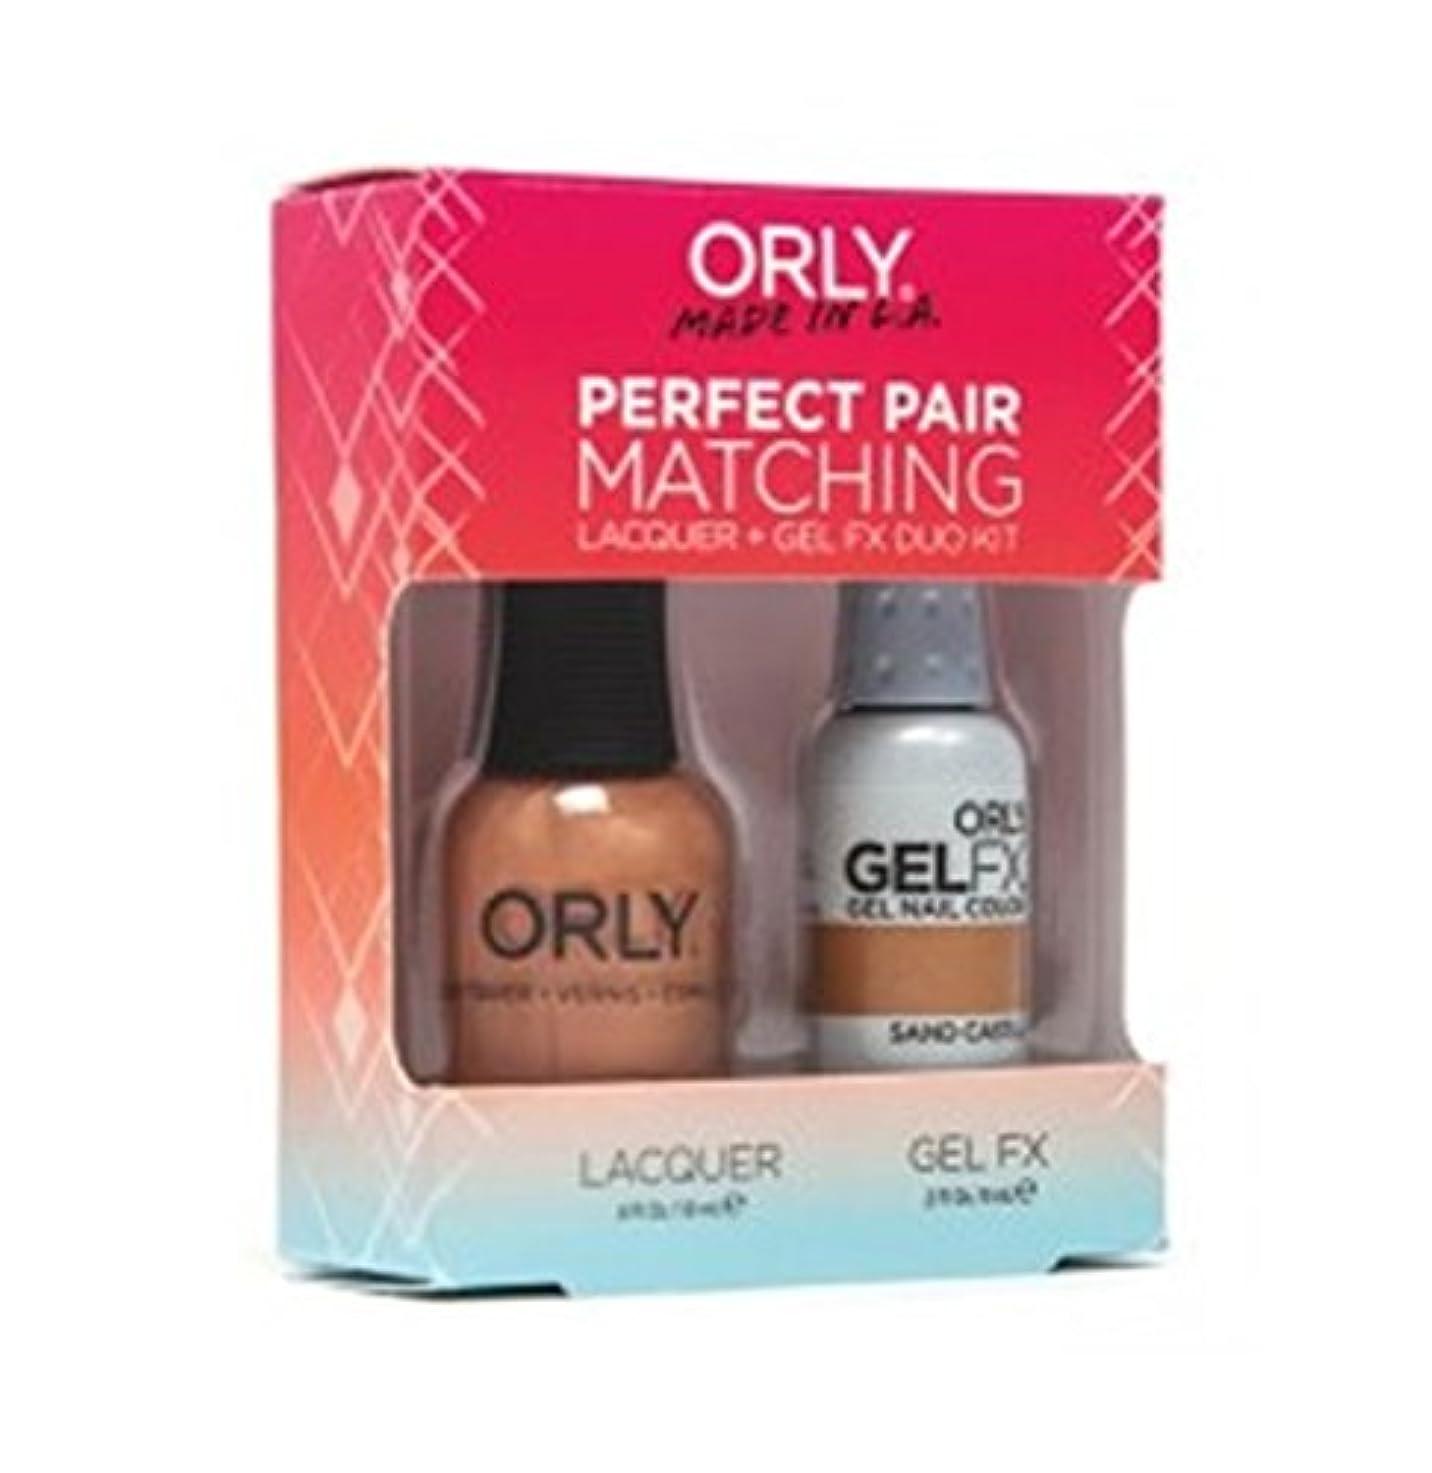 中不潔圧倒的Orly - Perfect Pair Matching Lacquer+Gel FX Kit - Sand Castle - 0.6 oz / 0.3 oz